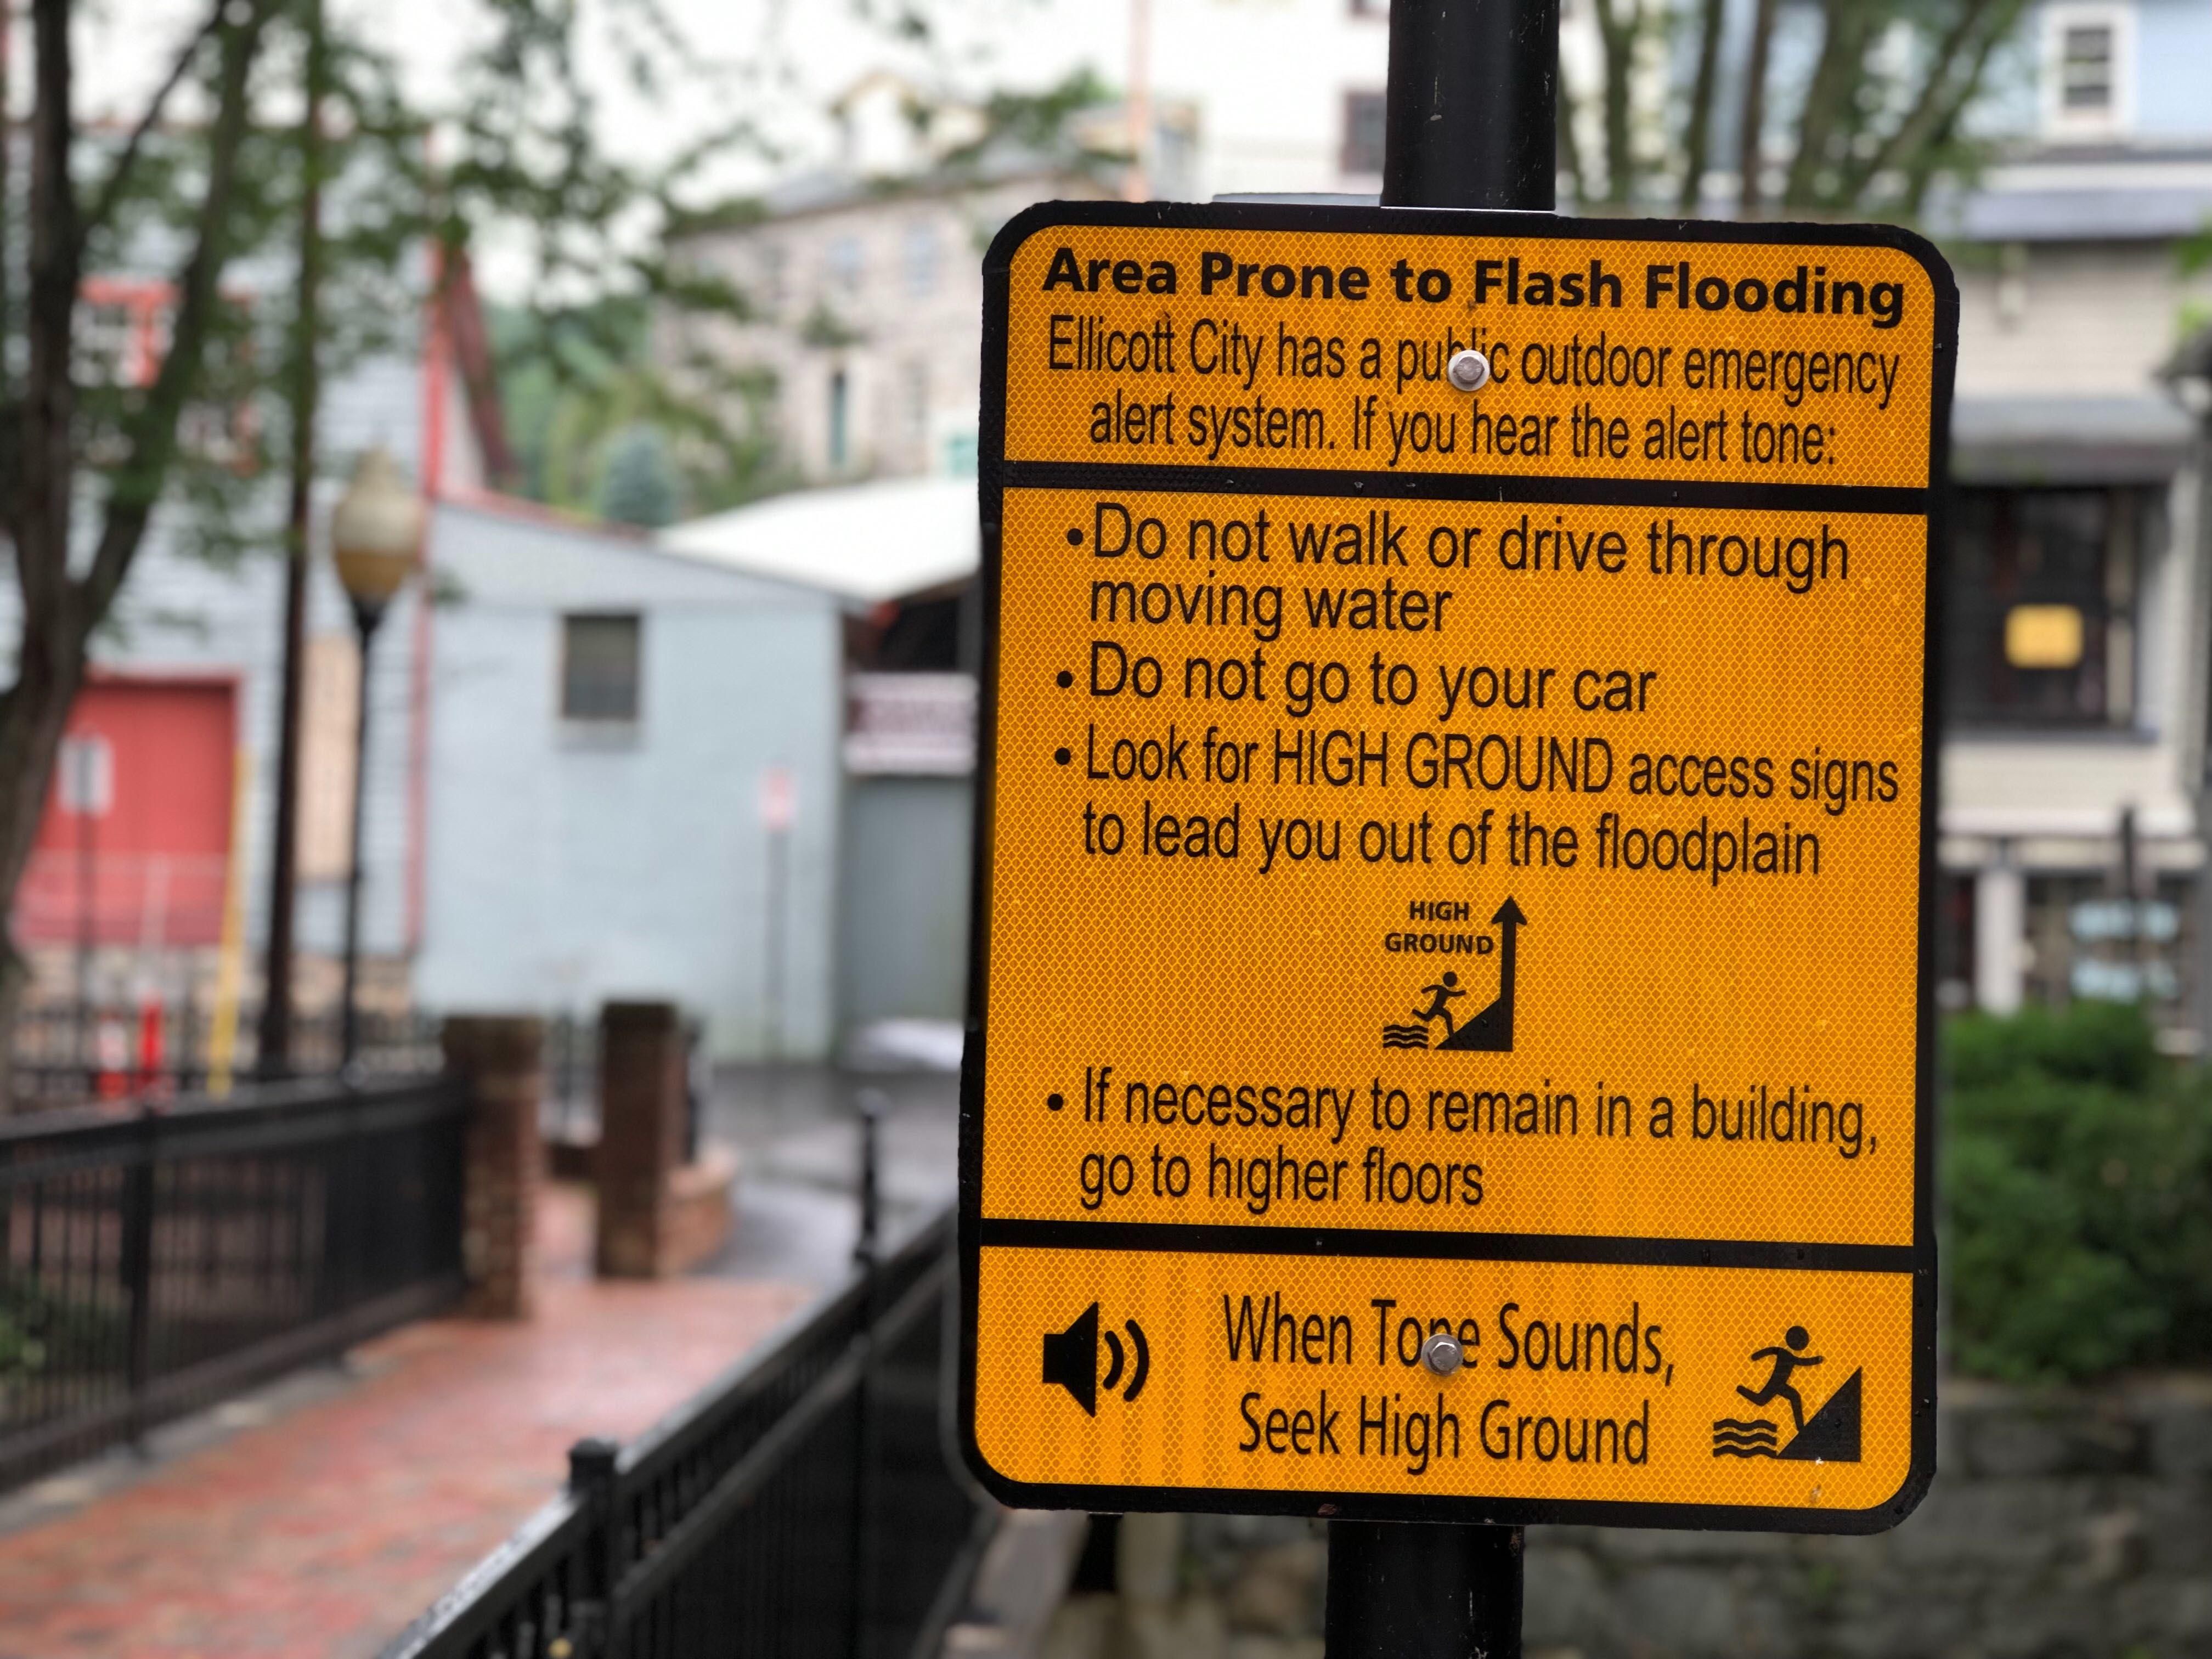 Howard Co 's flood warning notification fell short, Ellicott City